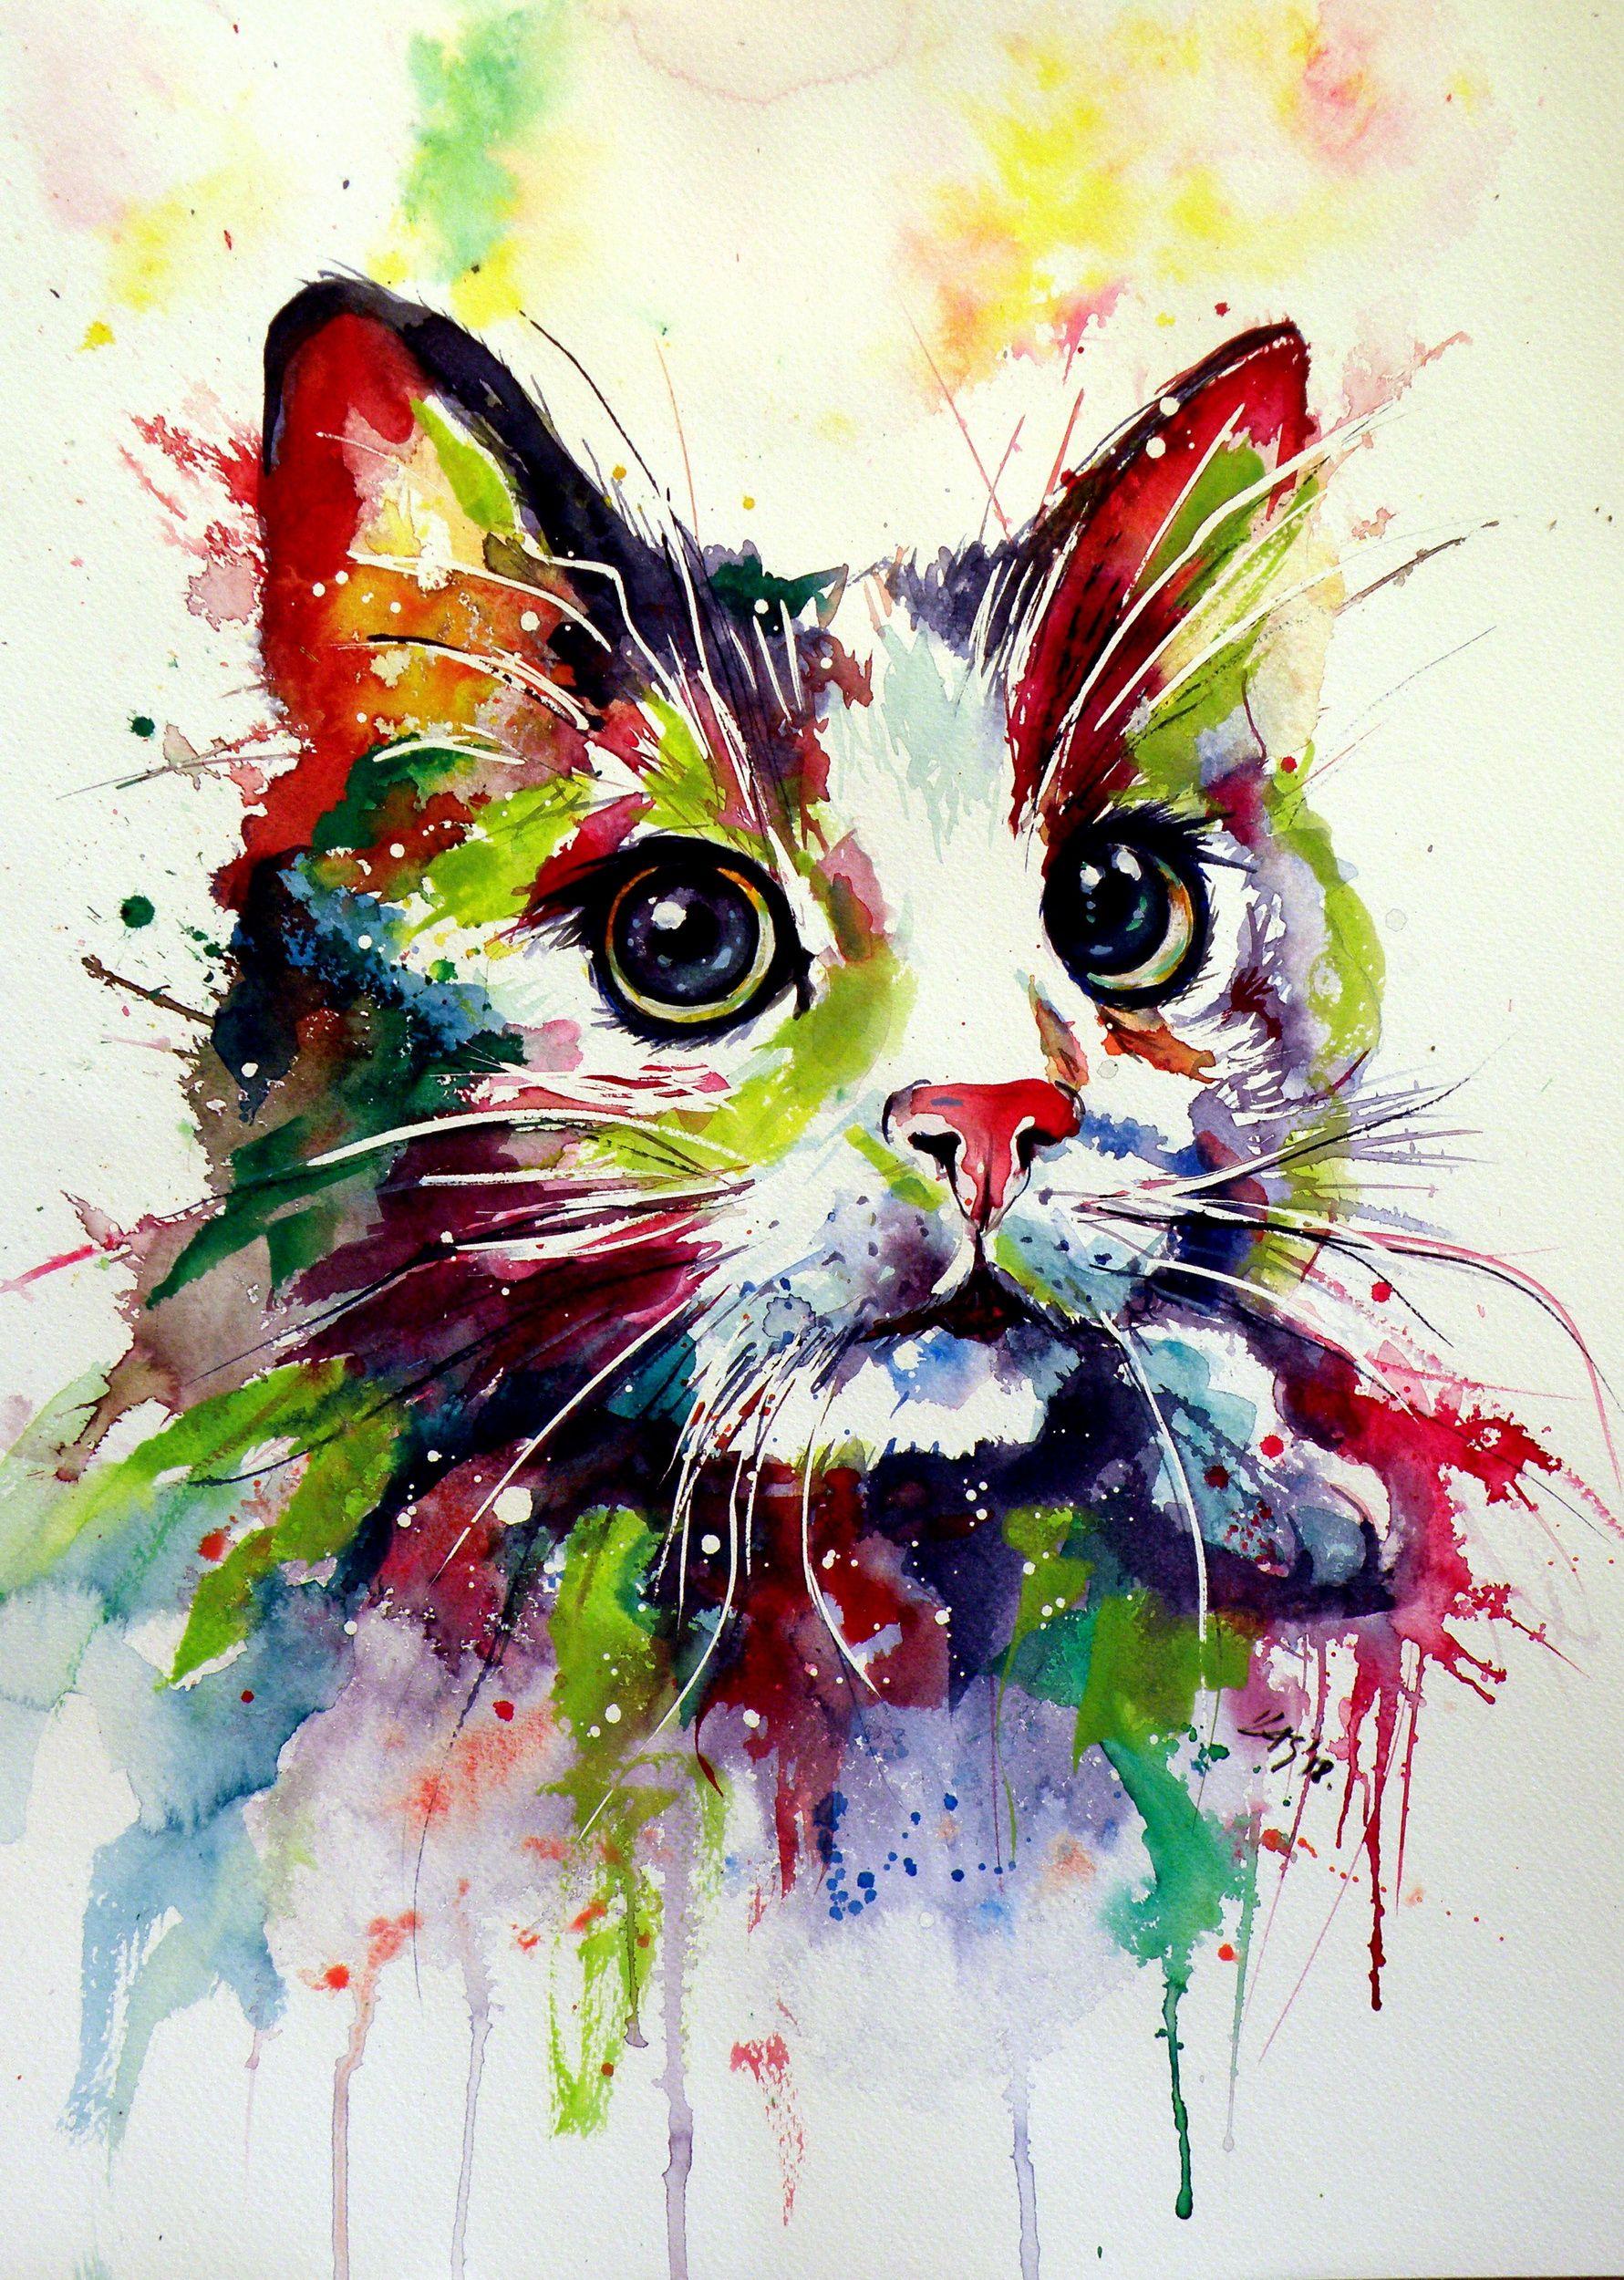 Colorful cat | Animal paintings, Cat art, Watercolor cat